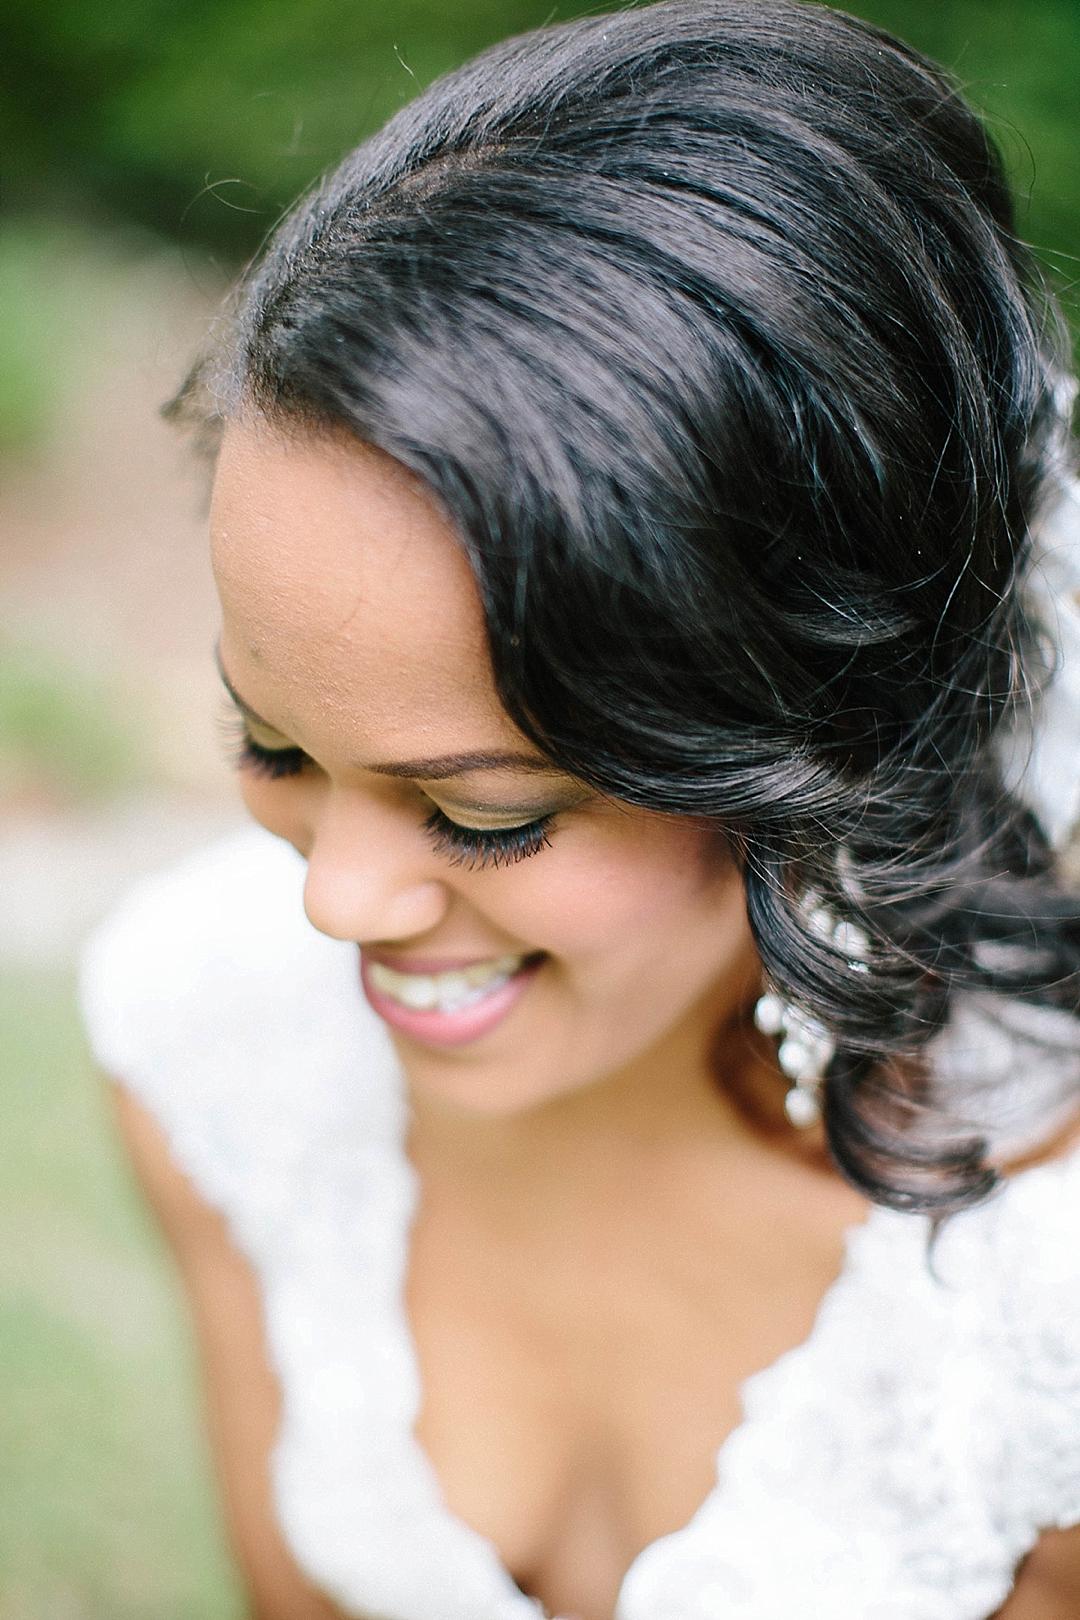 davids bridal for aisle society - makeup